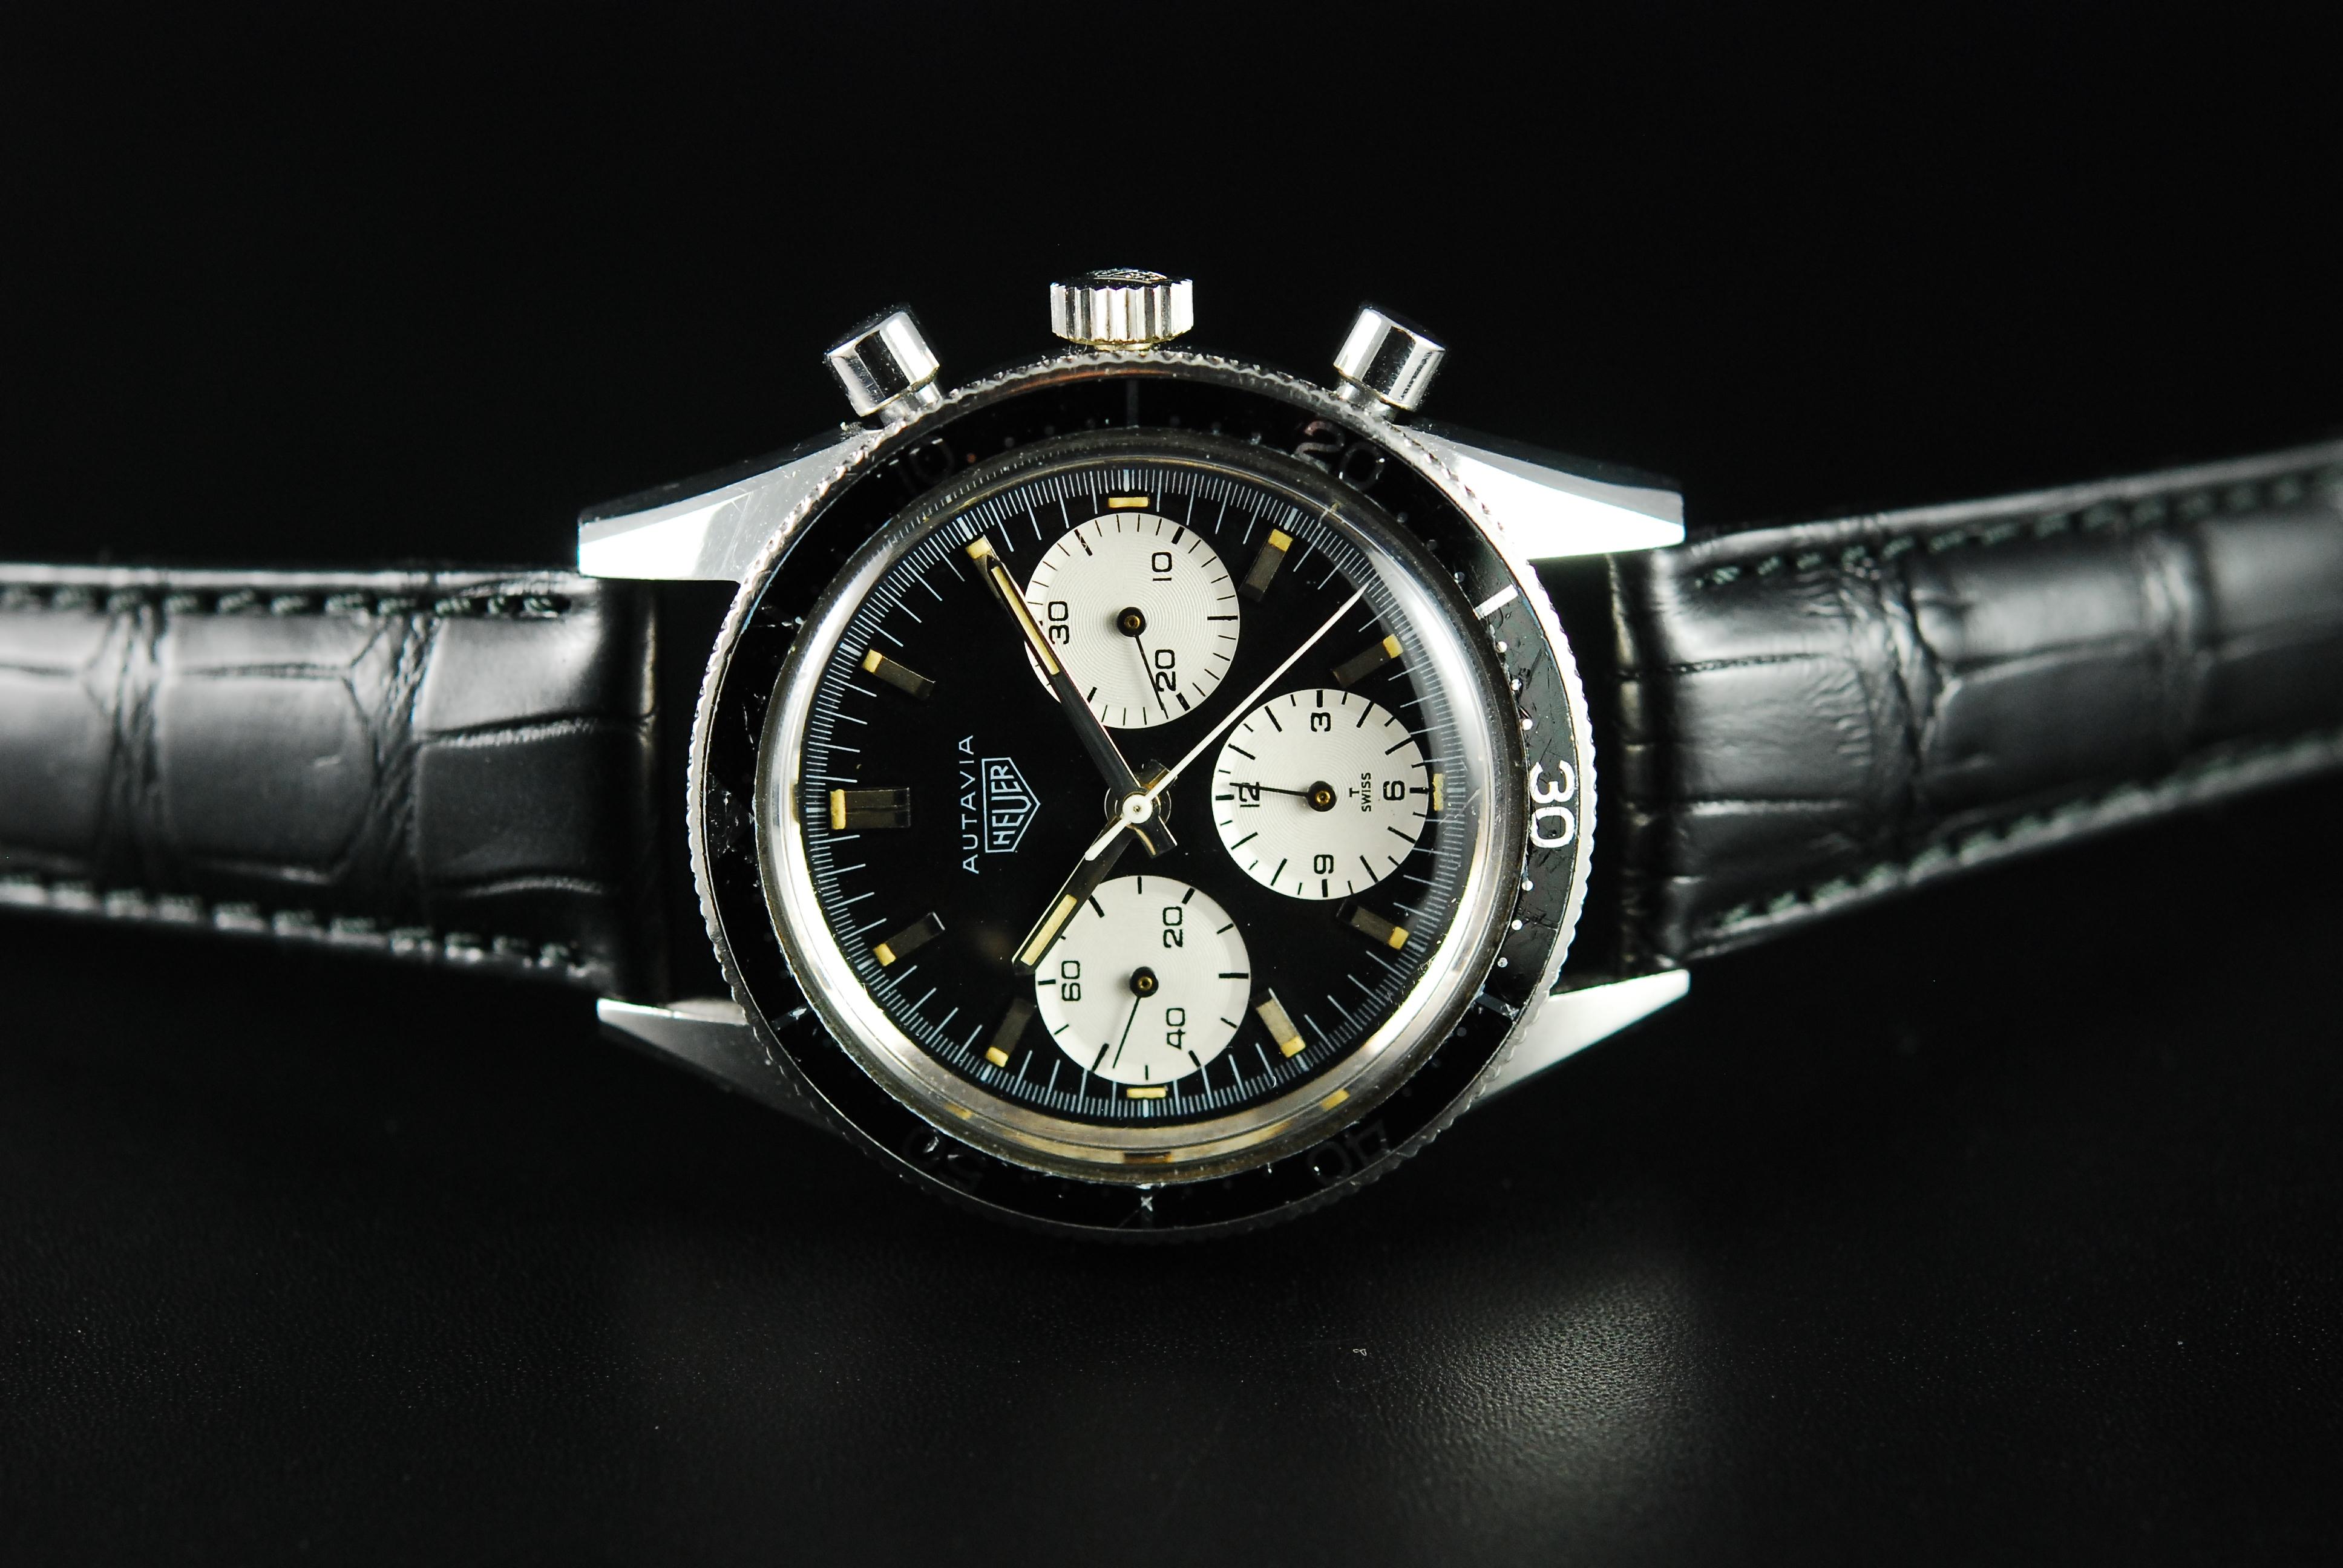 【錶友心得分享】平凡的外表,不簡單的內在:Heuer Valjoux 72